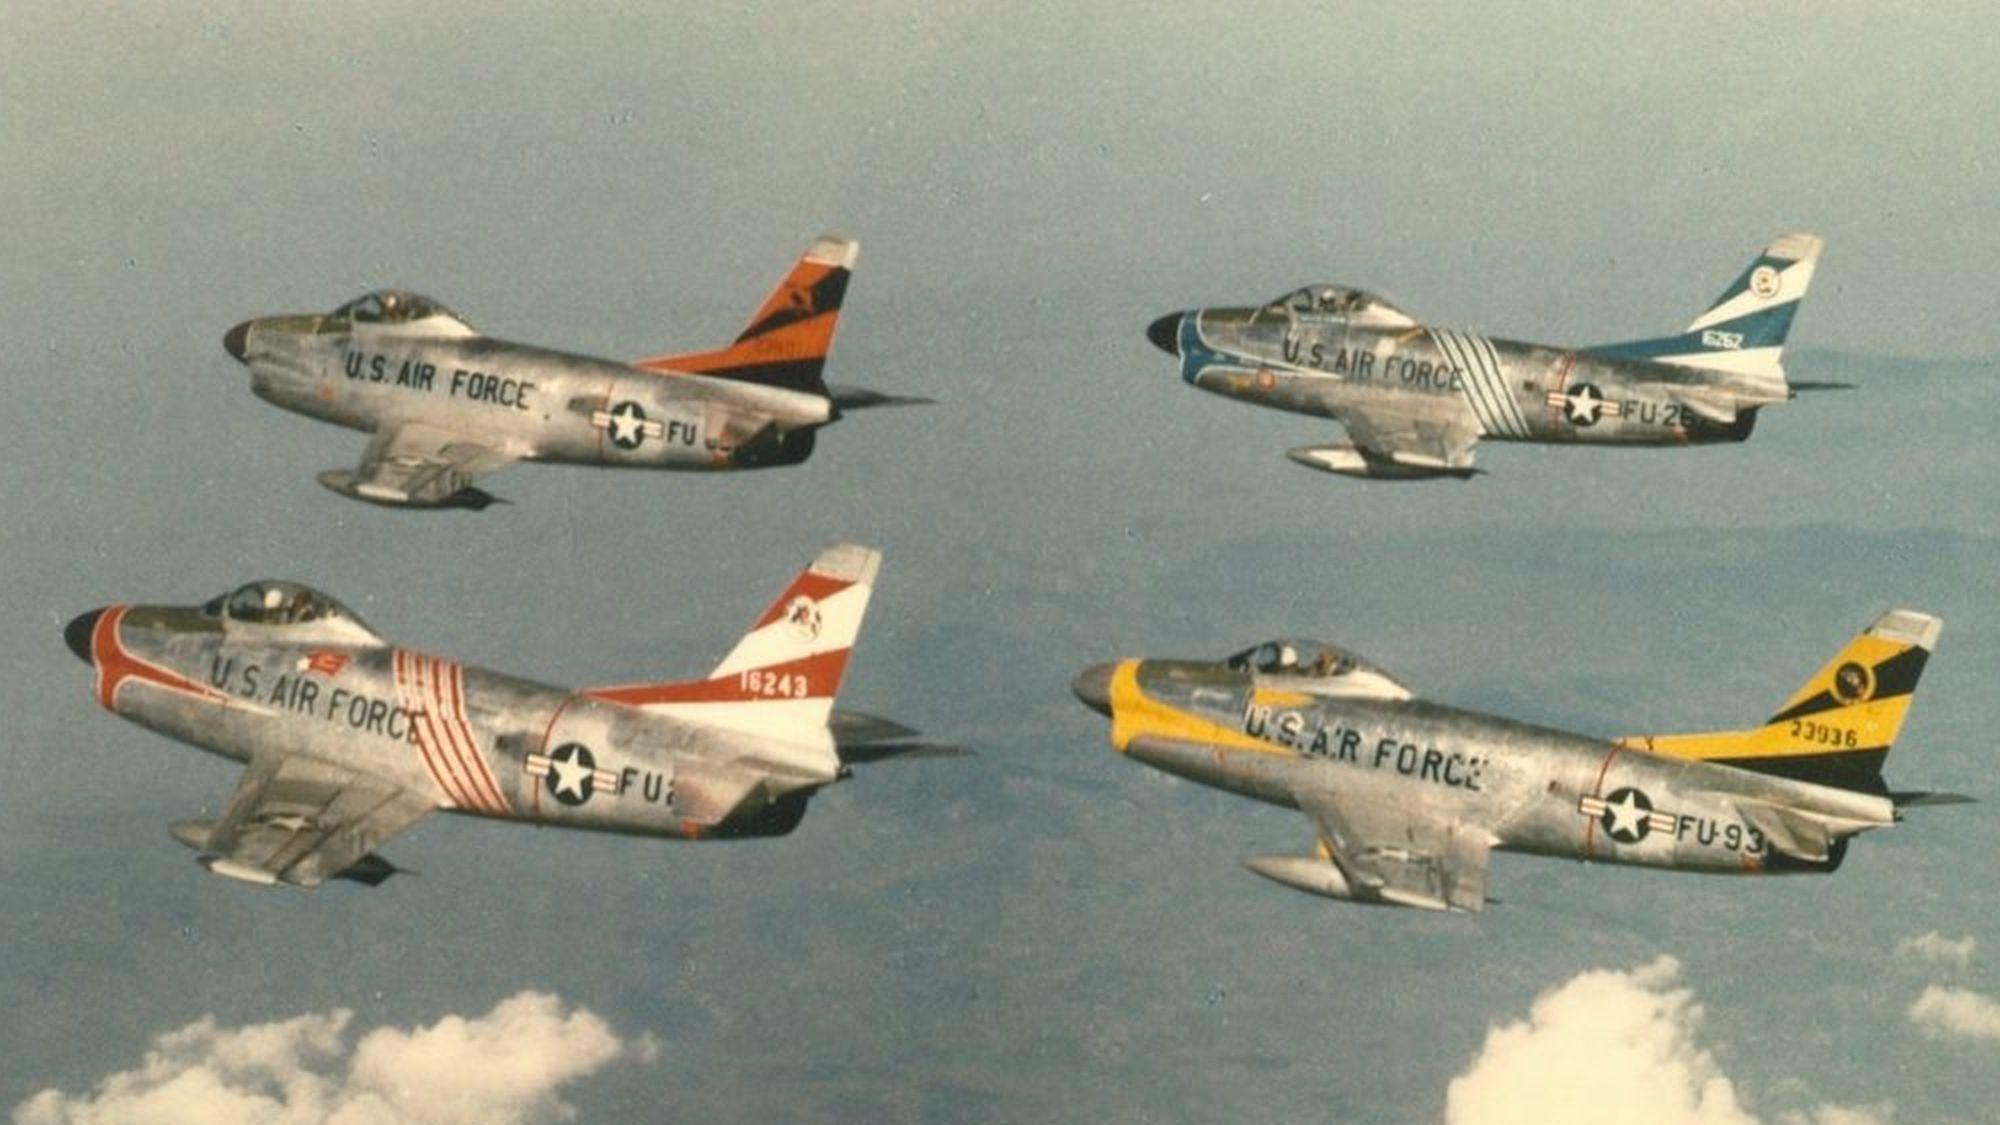 a9fe6a2a07473747e7c758da171d3f6a - AERONAVES FAMOSAS: North American Aviation F-86D 'Sabre Dog'